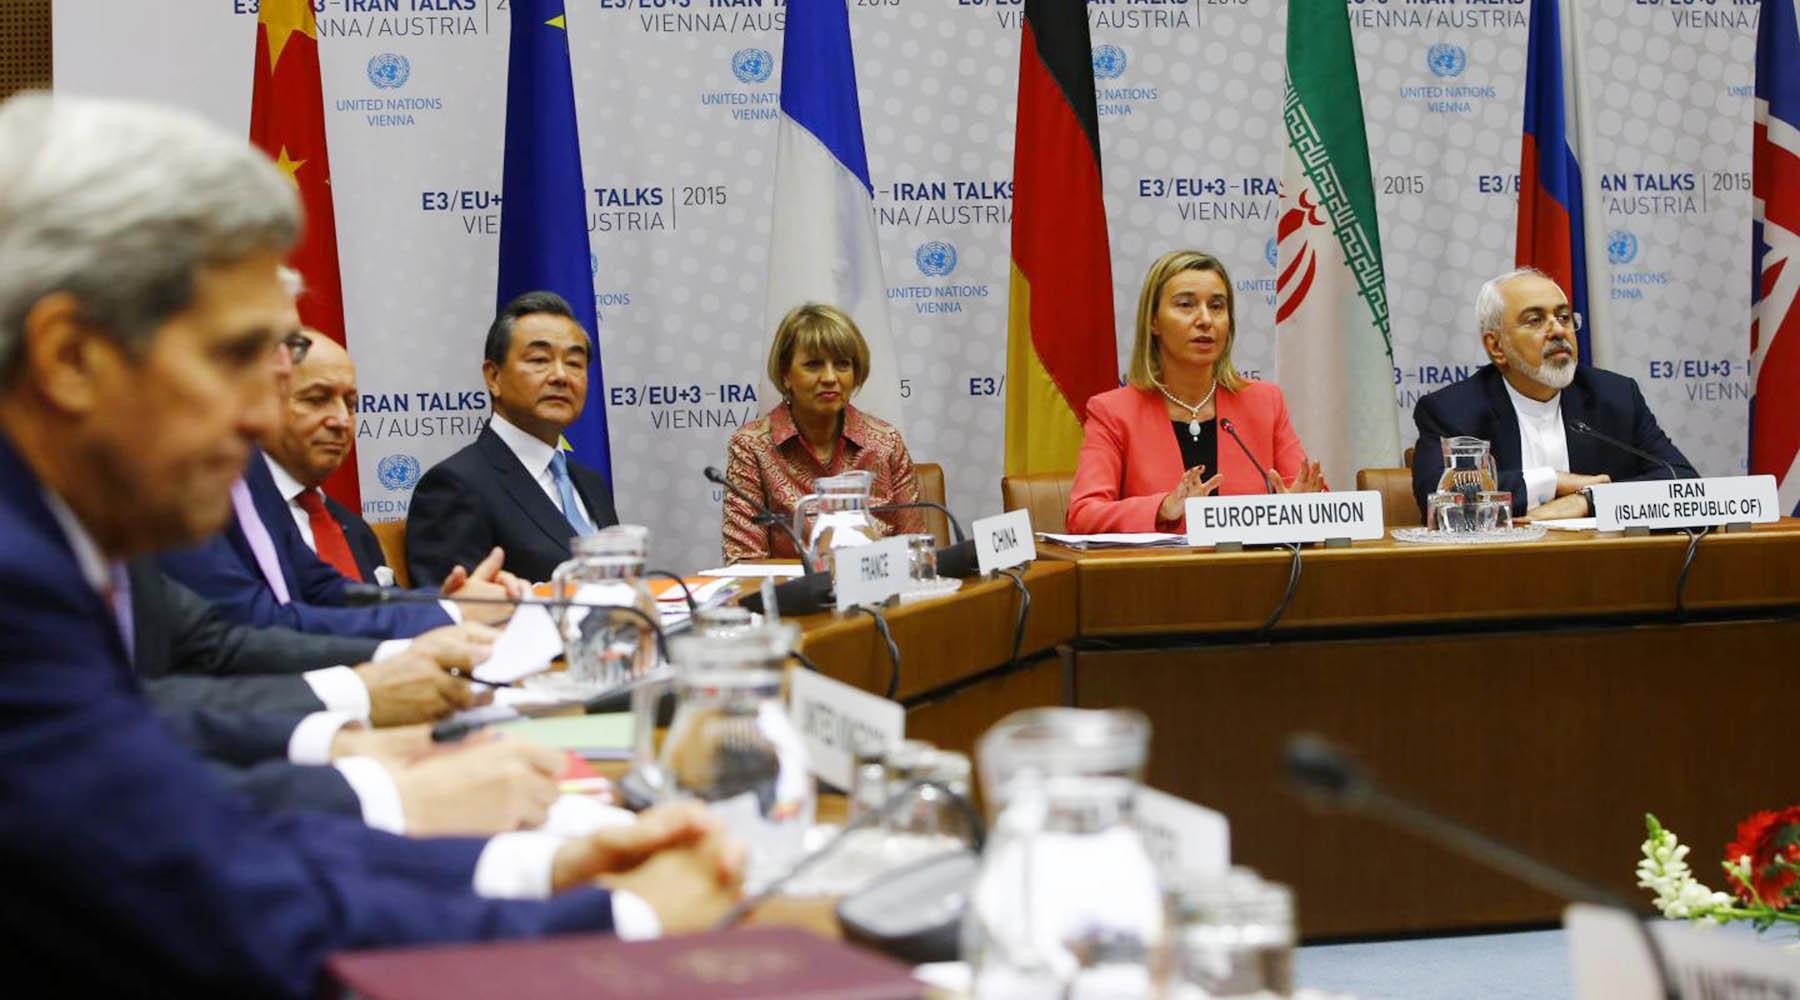 К чему приведут разногласия США и их союзников по «ядерной сделке» с Ираном